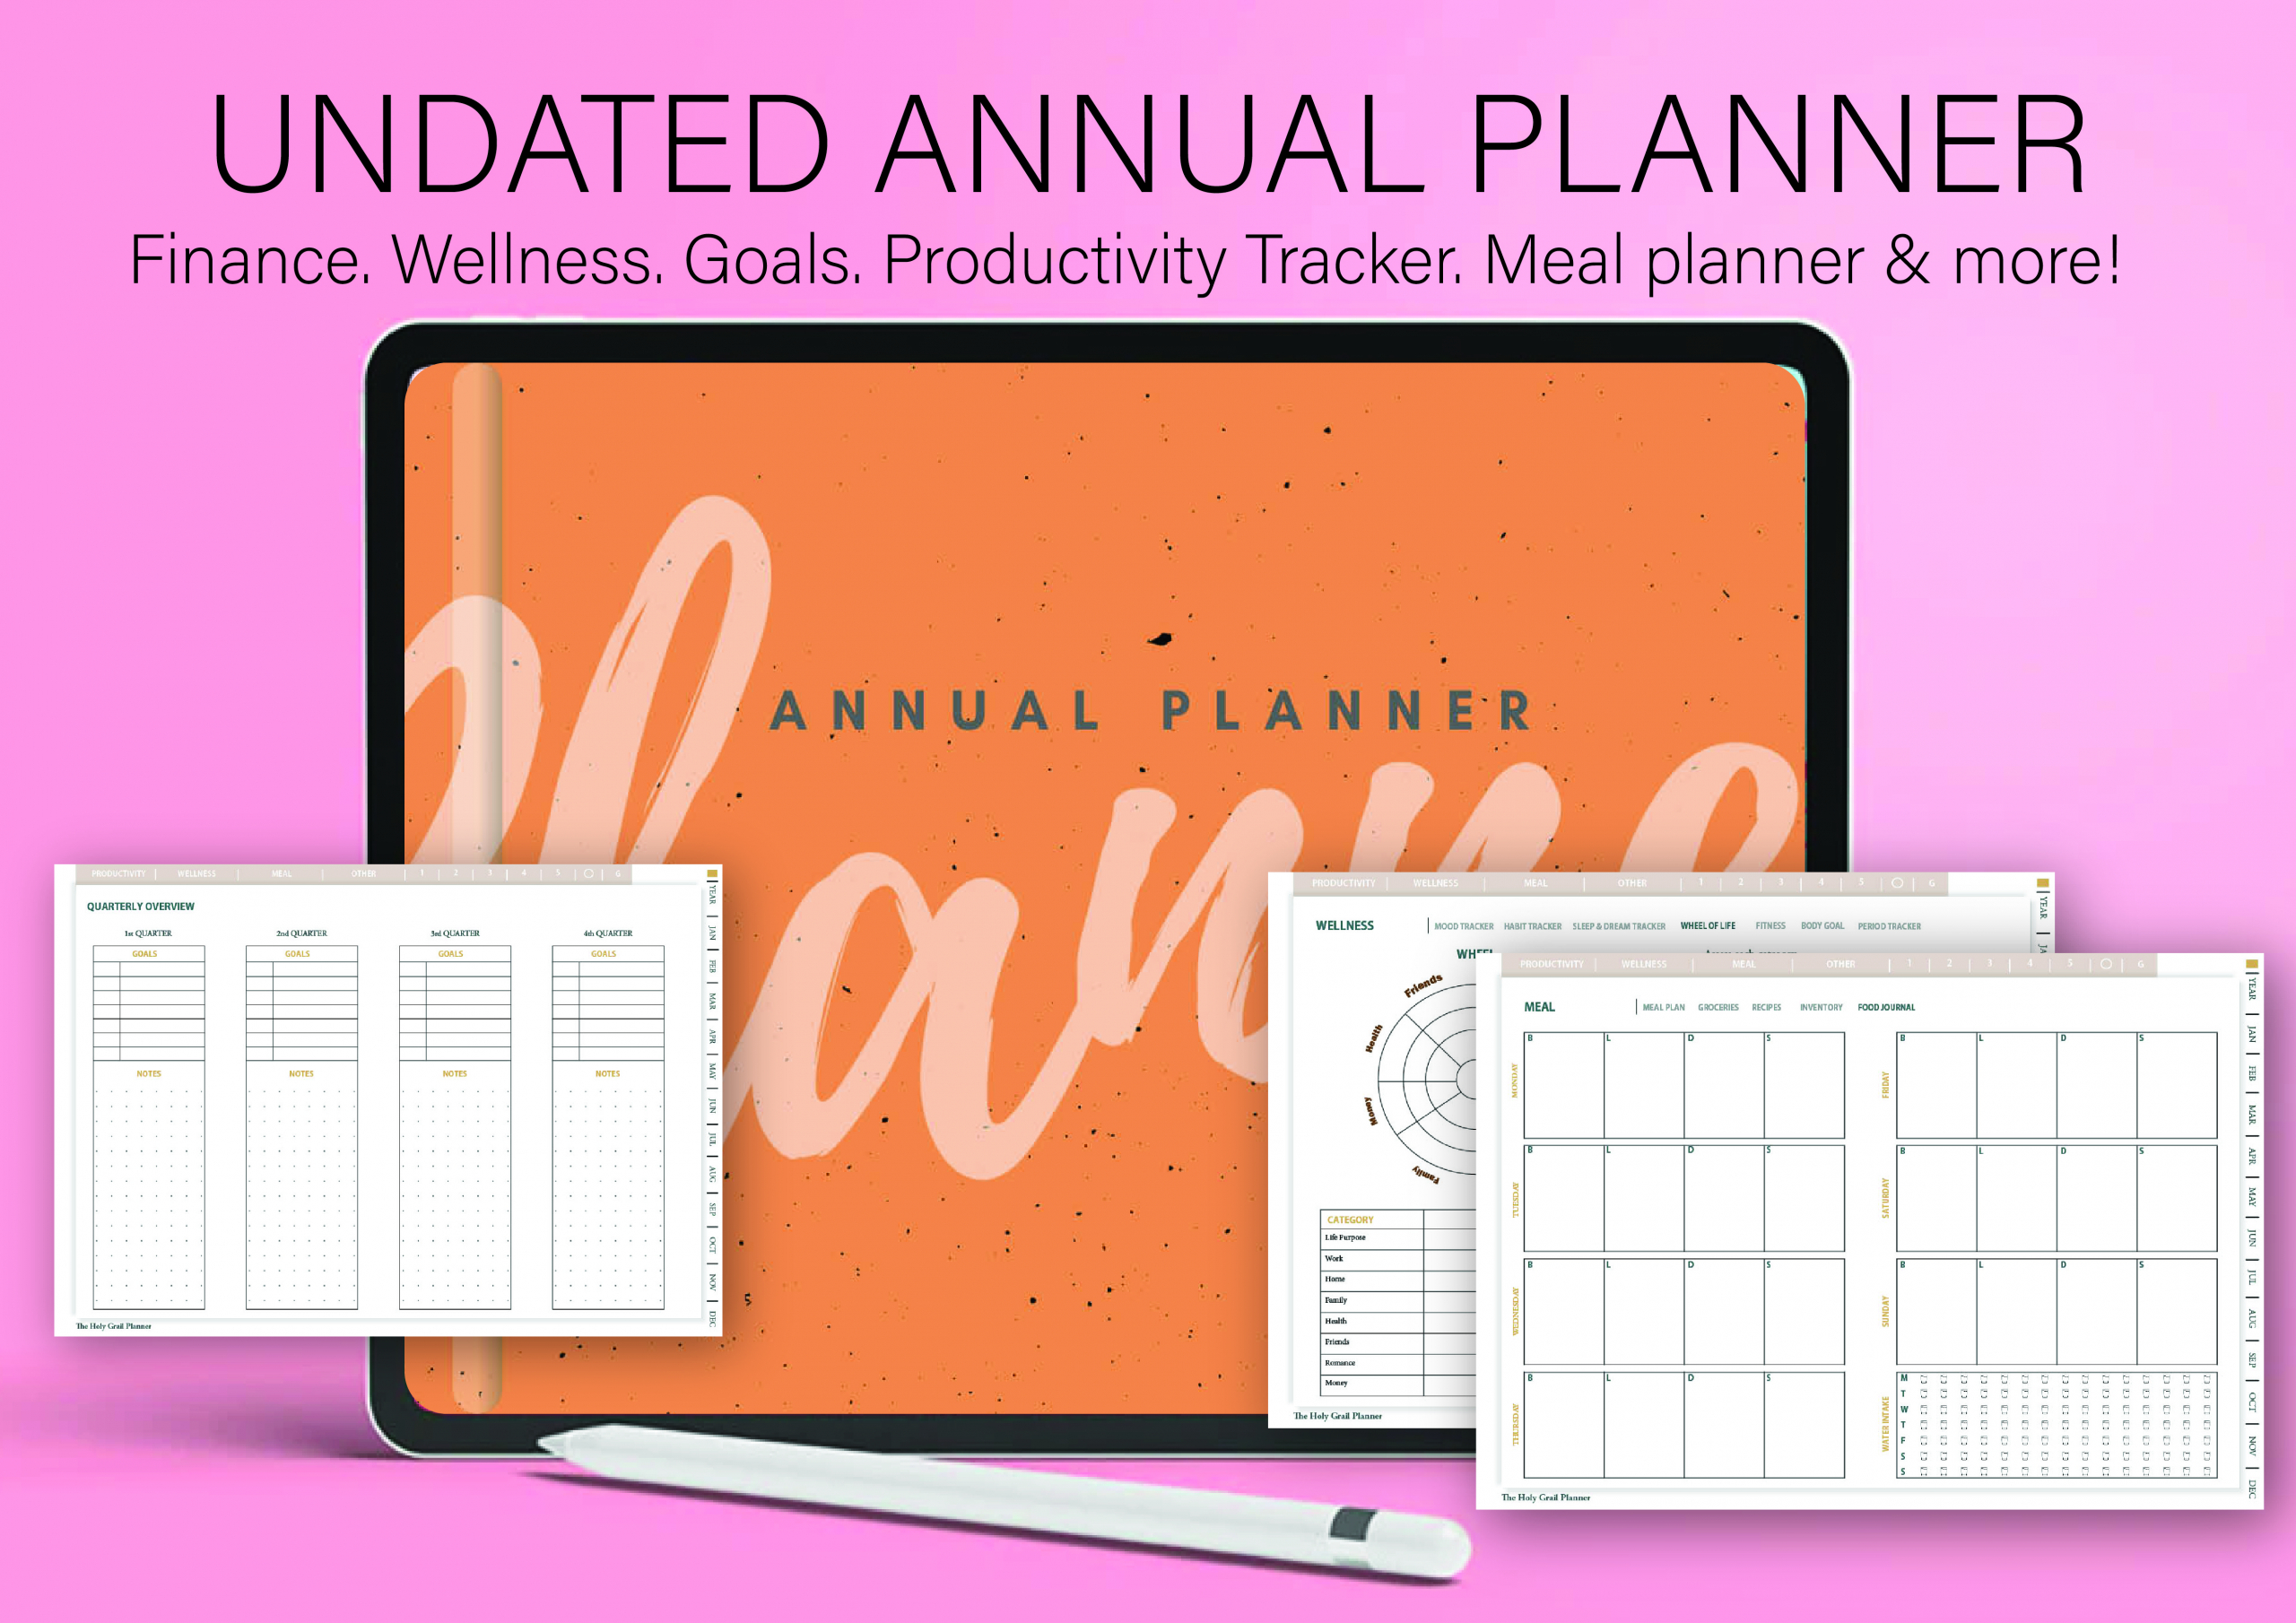 UNDATED YEARLY PLANNER. Undated digital planner